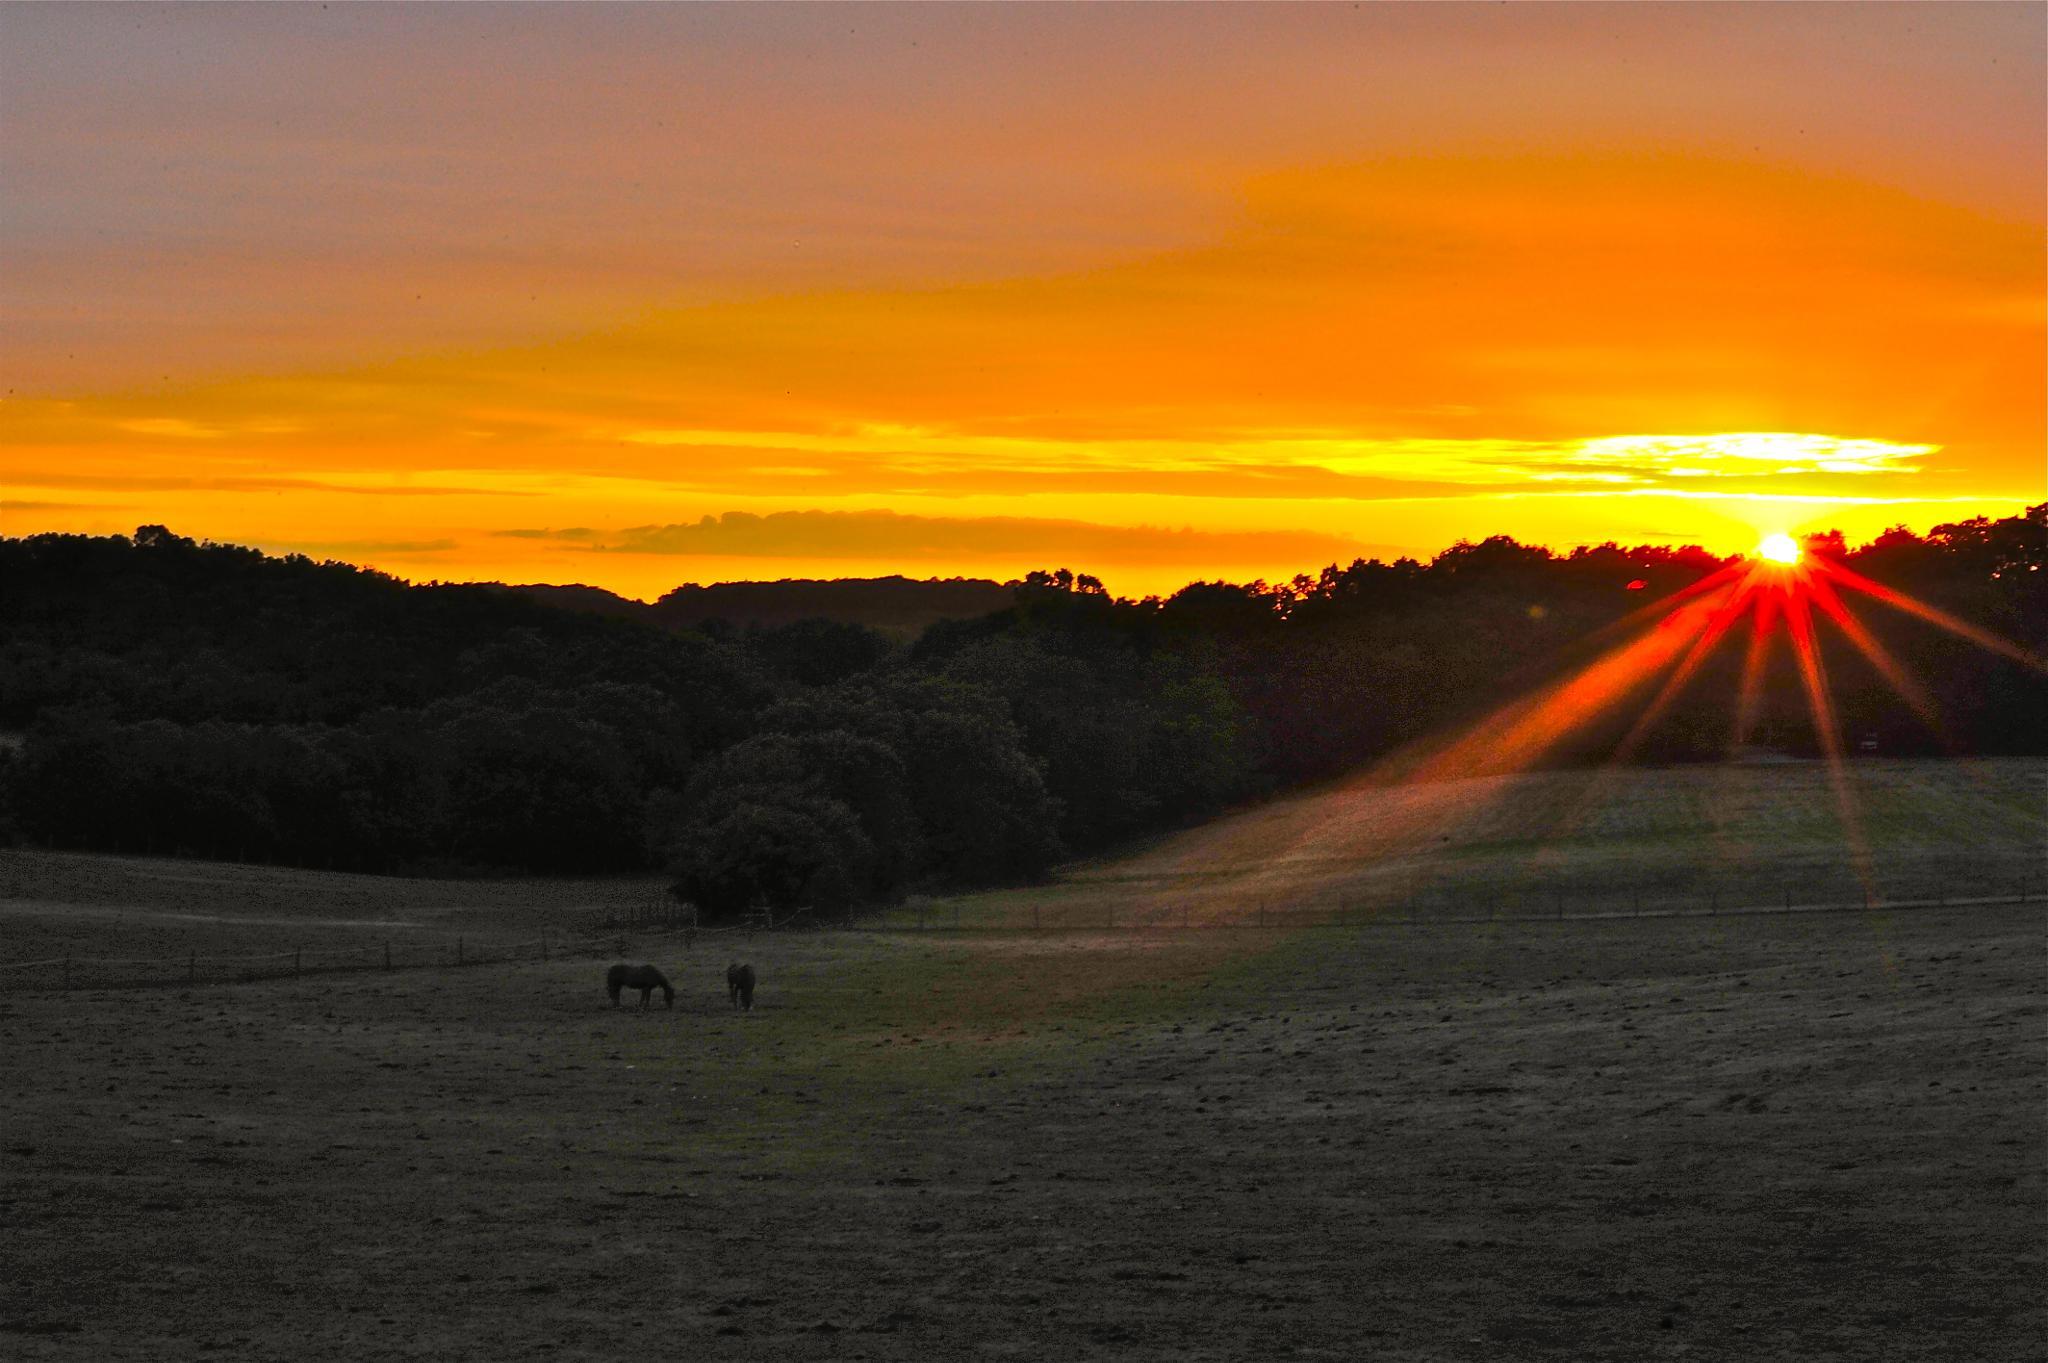 Sunset Rays by JeffViaPhotography